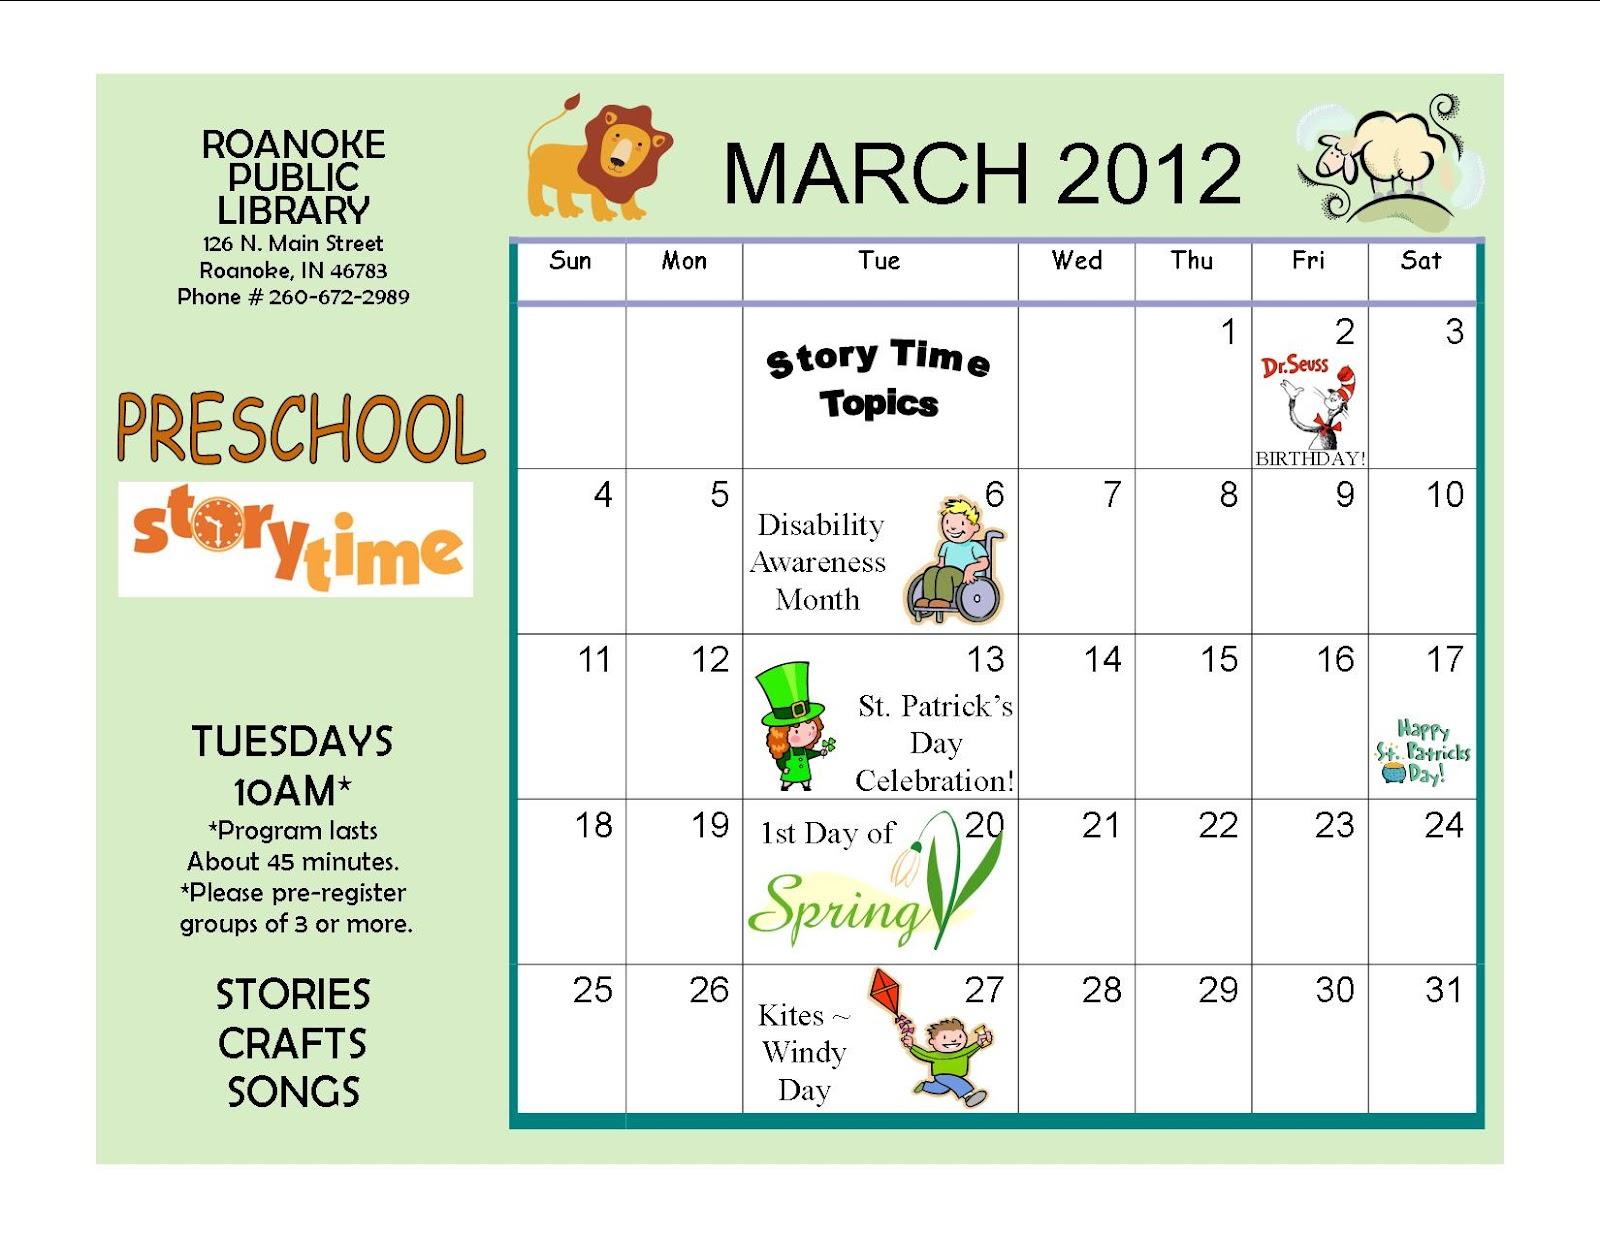 Roanoke Public Library March Preschool Story Time Calendar